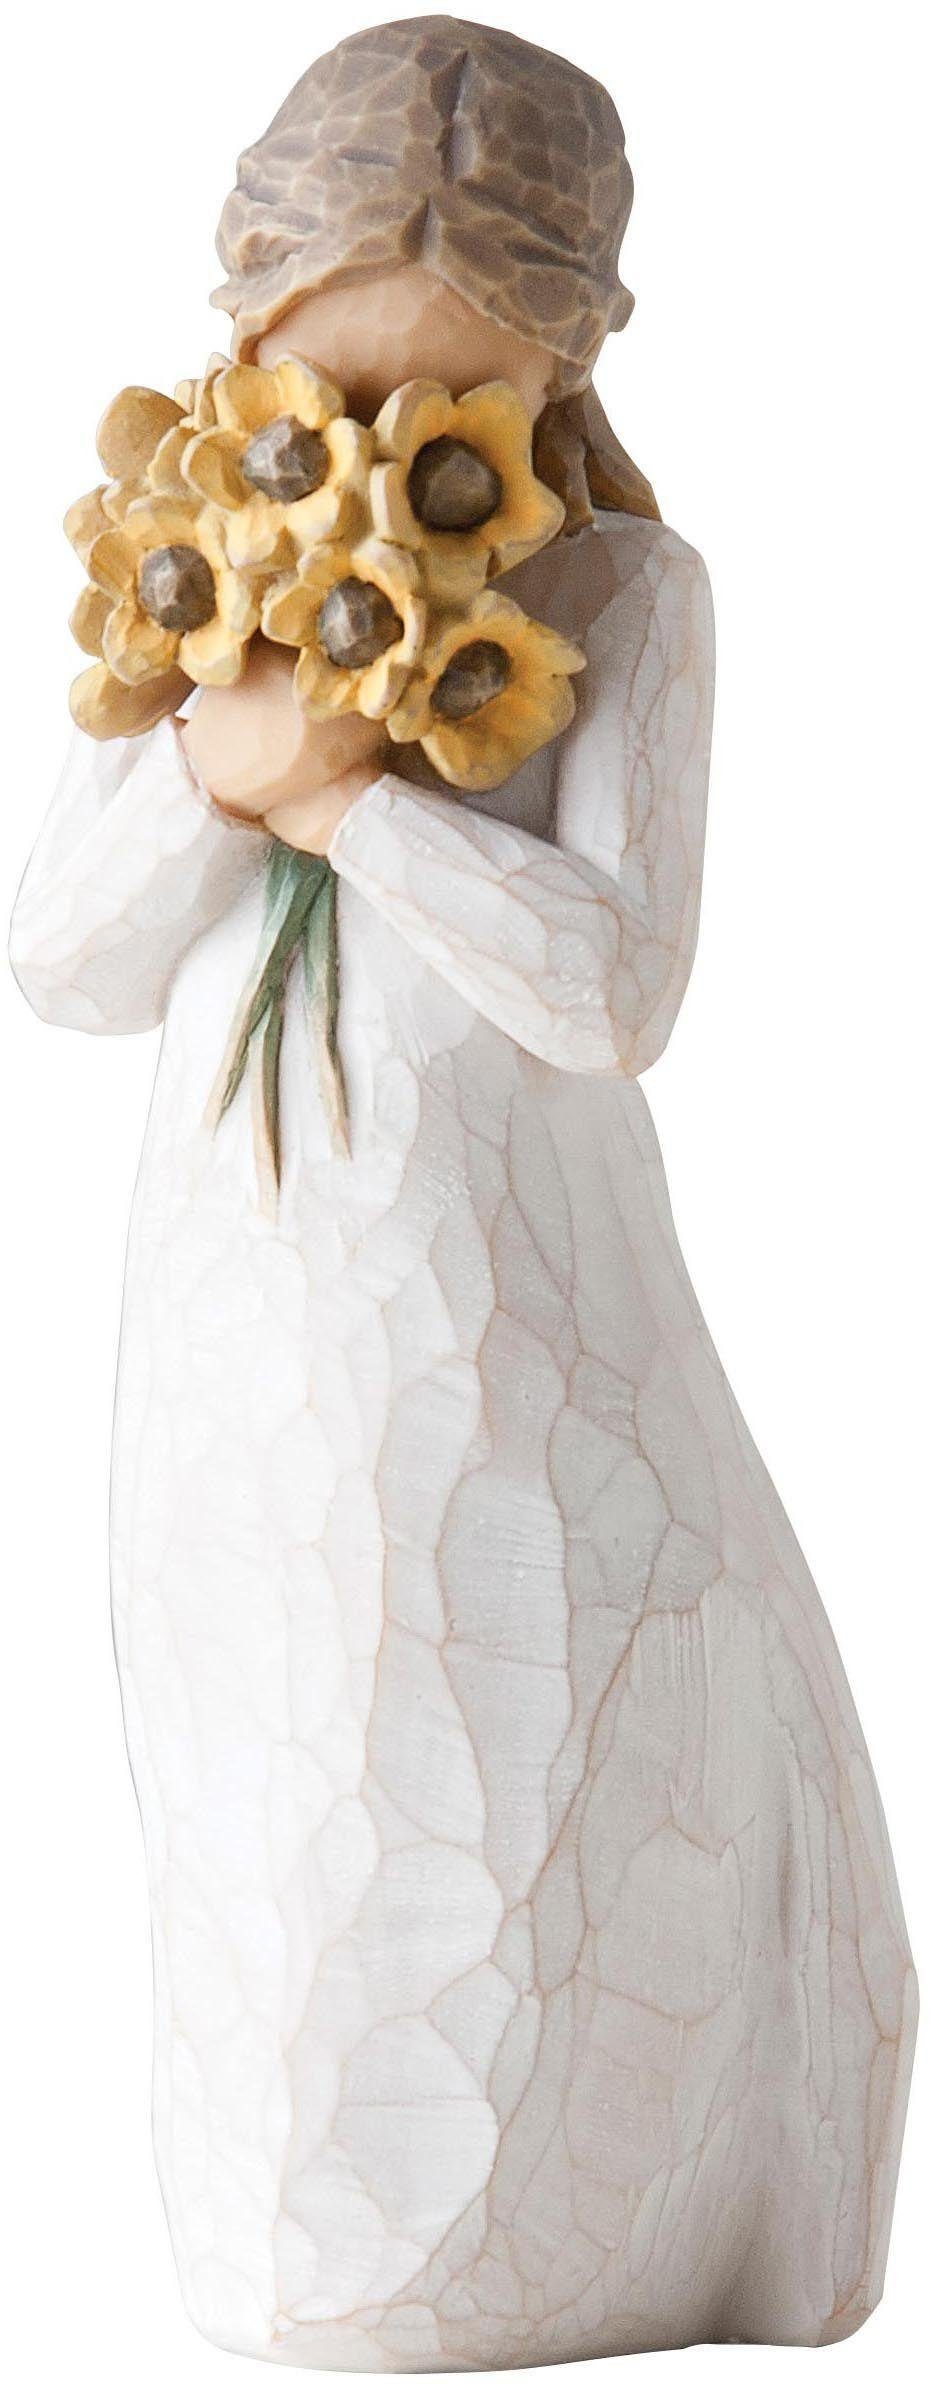 Willow Tree Warm Embrace Figurine.